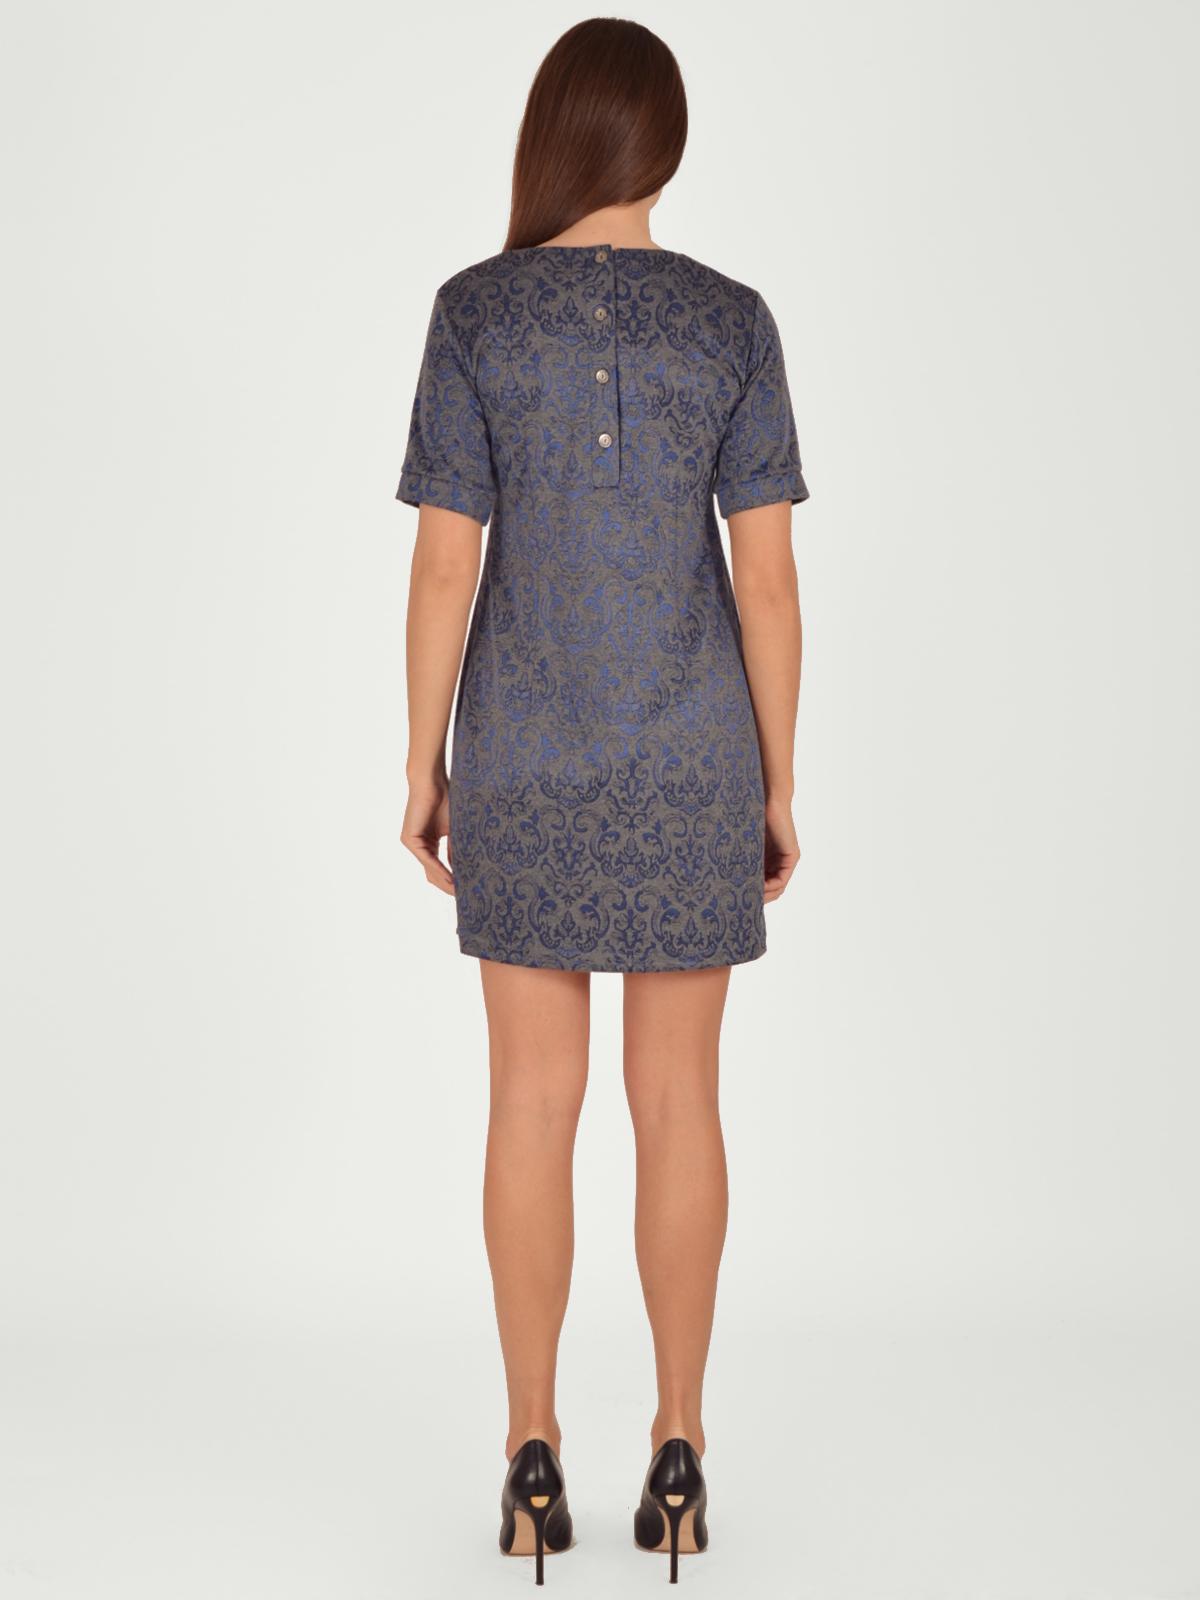 Платье женское трикотажное от Московская Меховая Компания